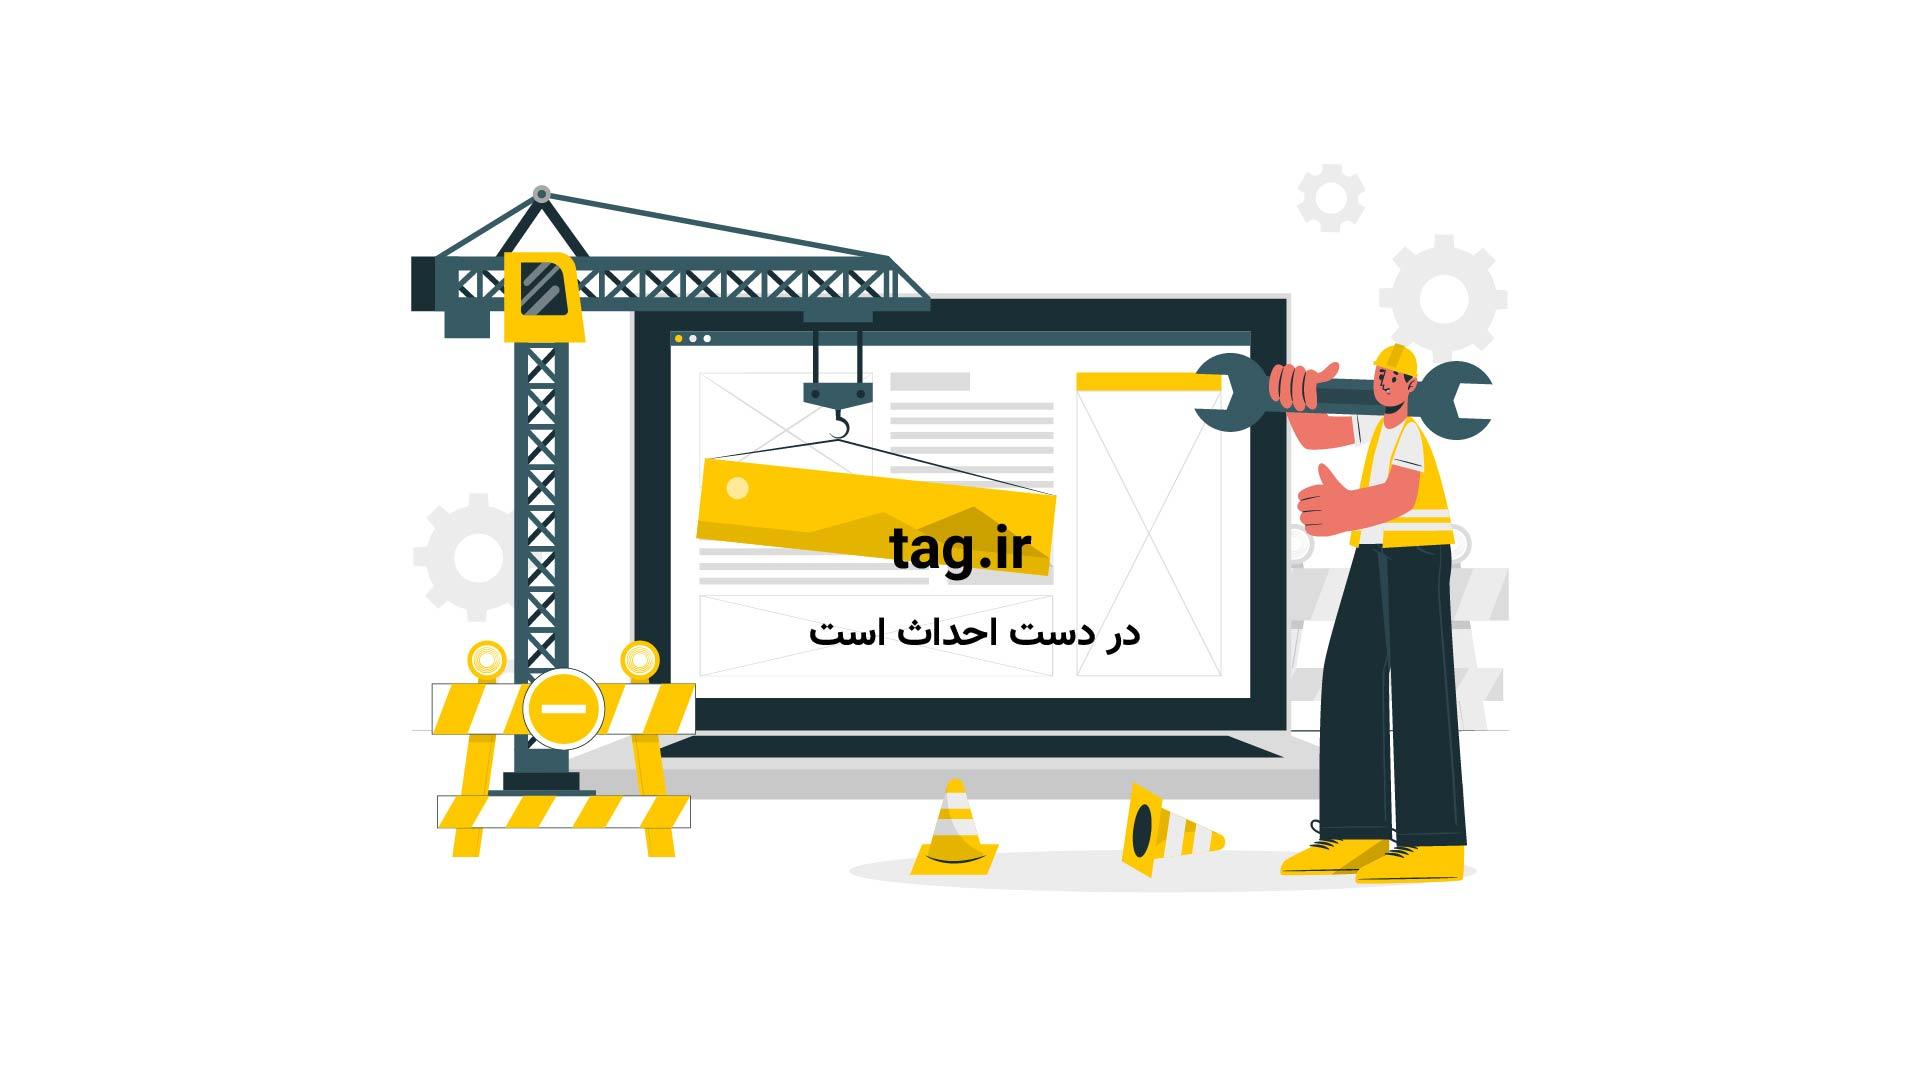 سخنرانی های تد؛ تاثیرات گوشی تلفن همراه بر رفتارها |فیلم